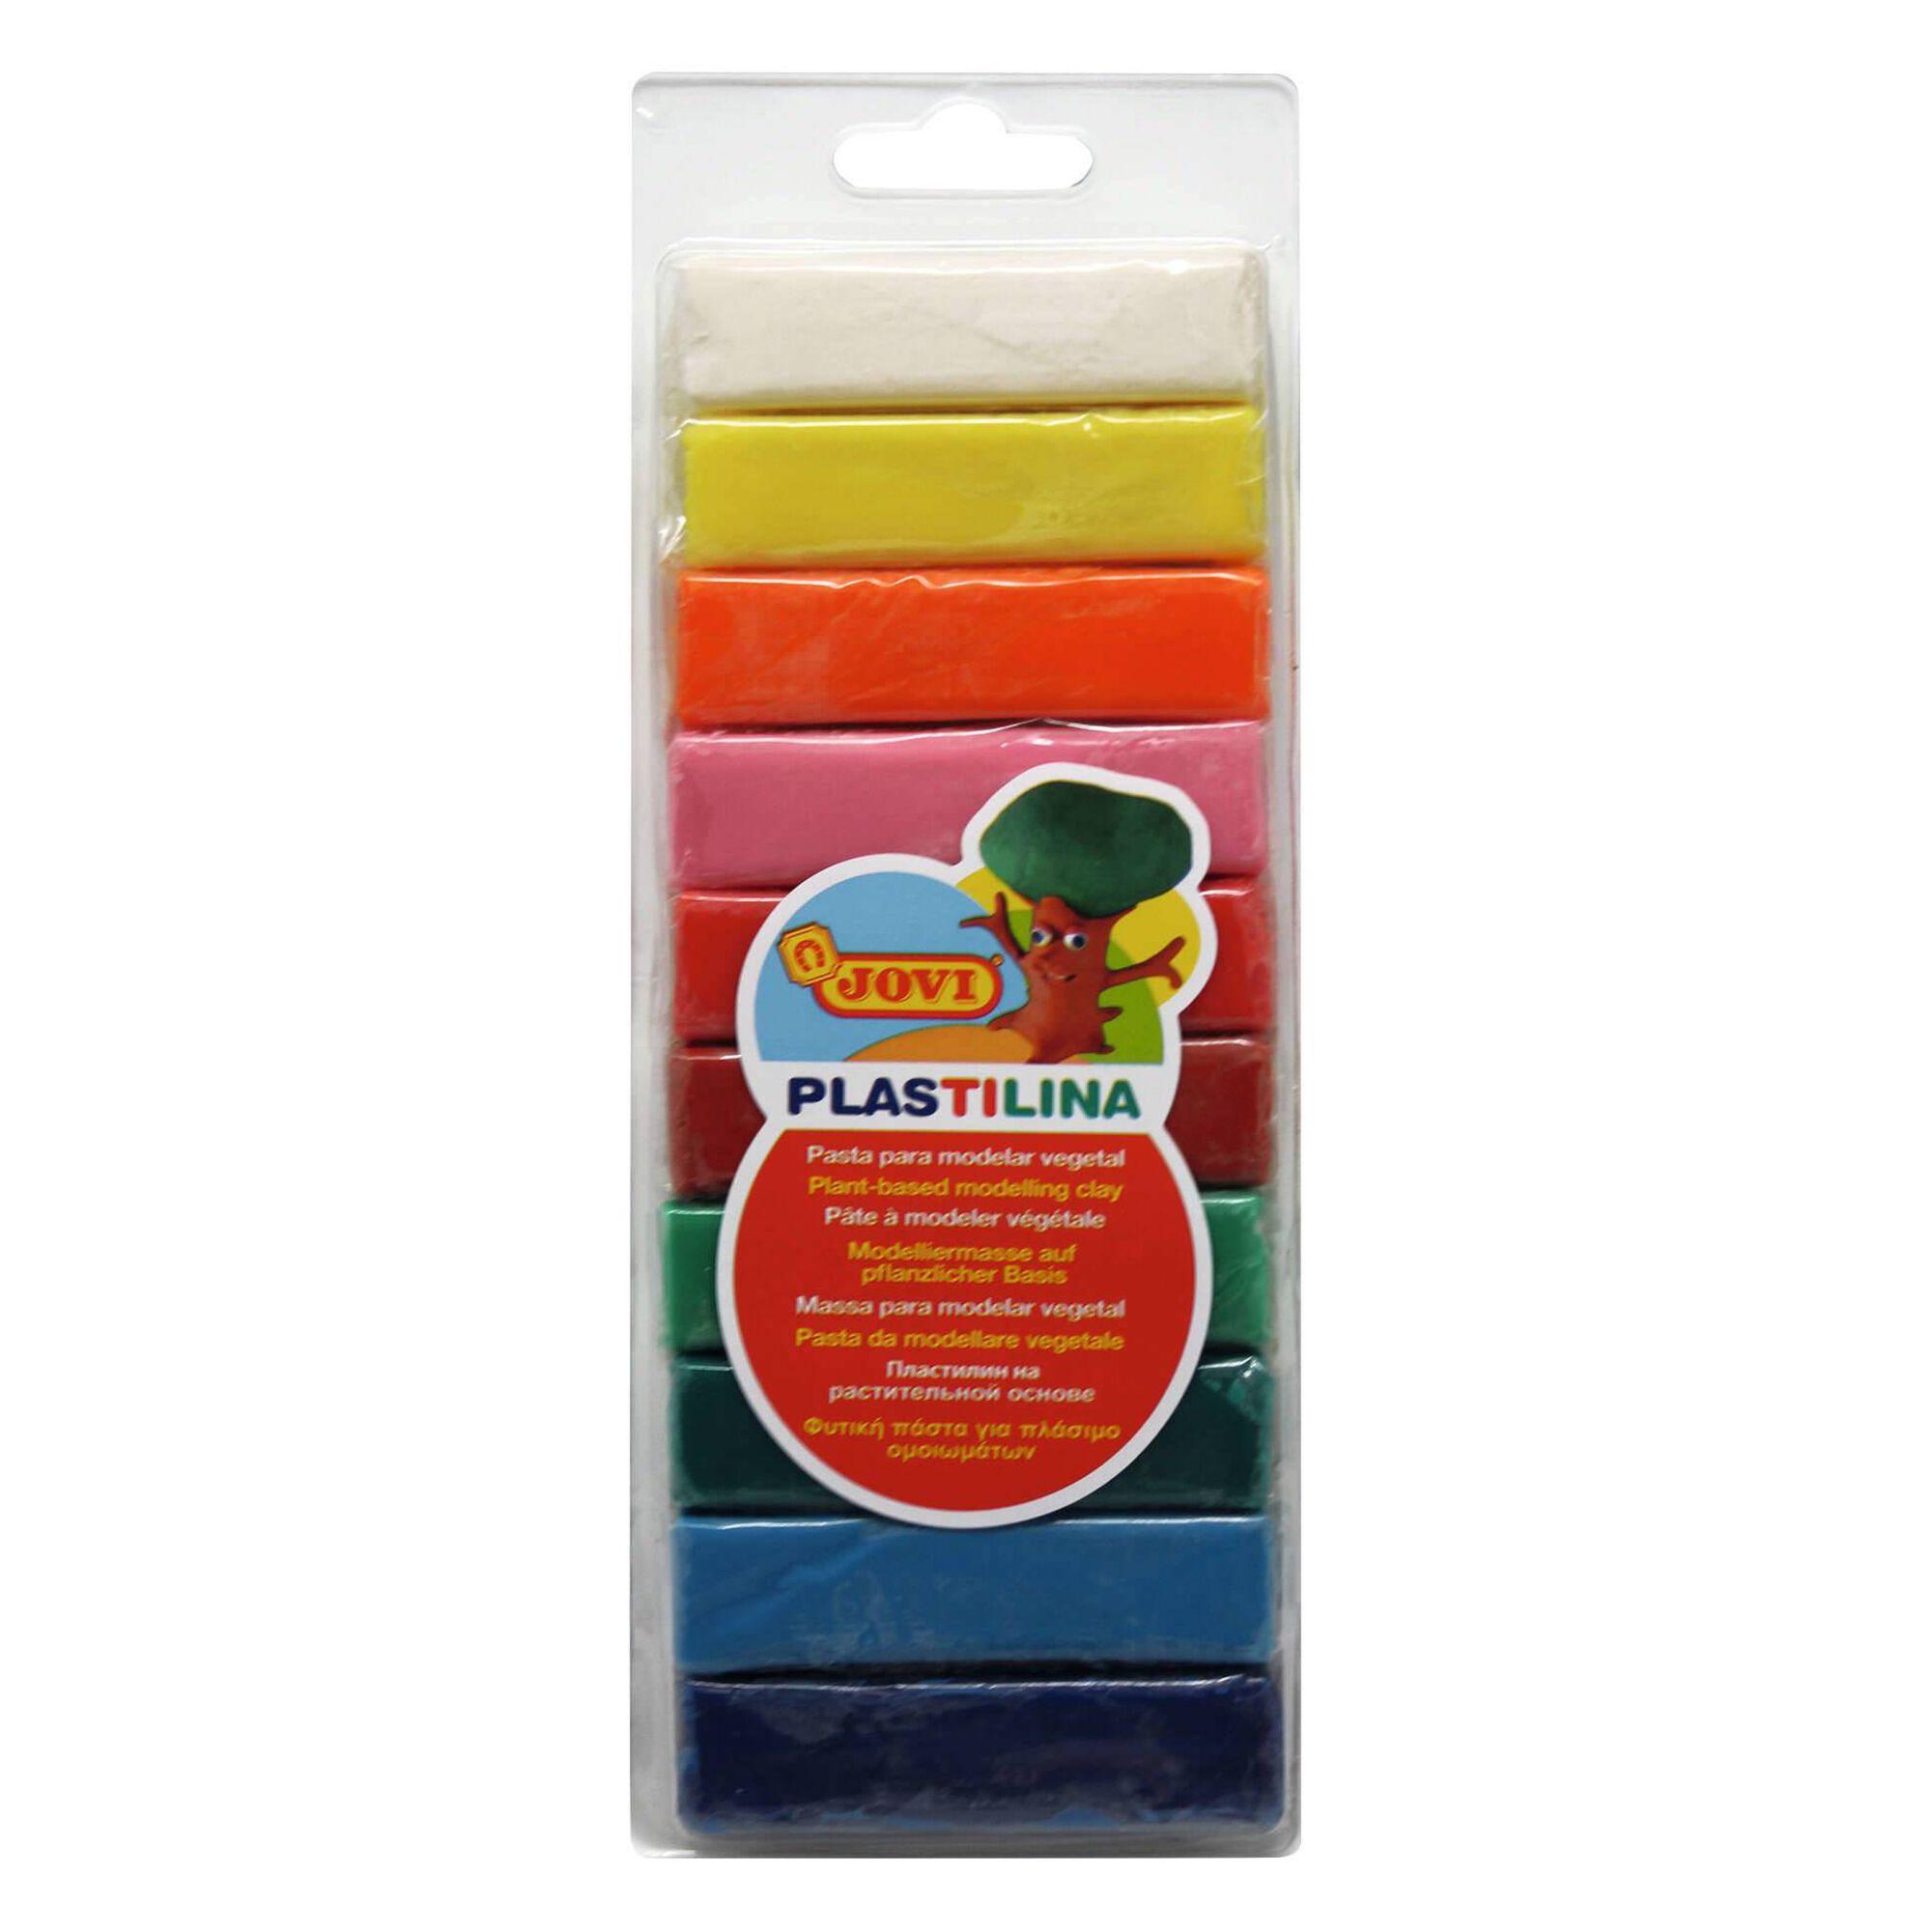 Plasticina Fluor com 10 barras